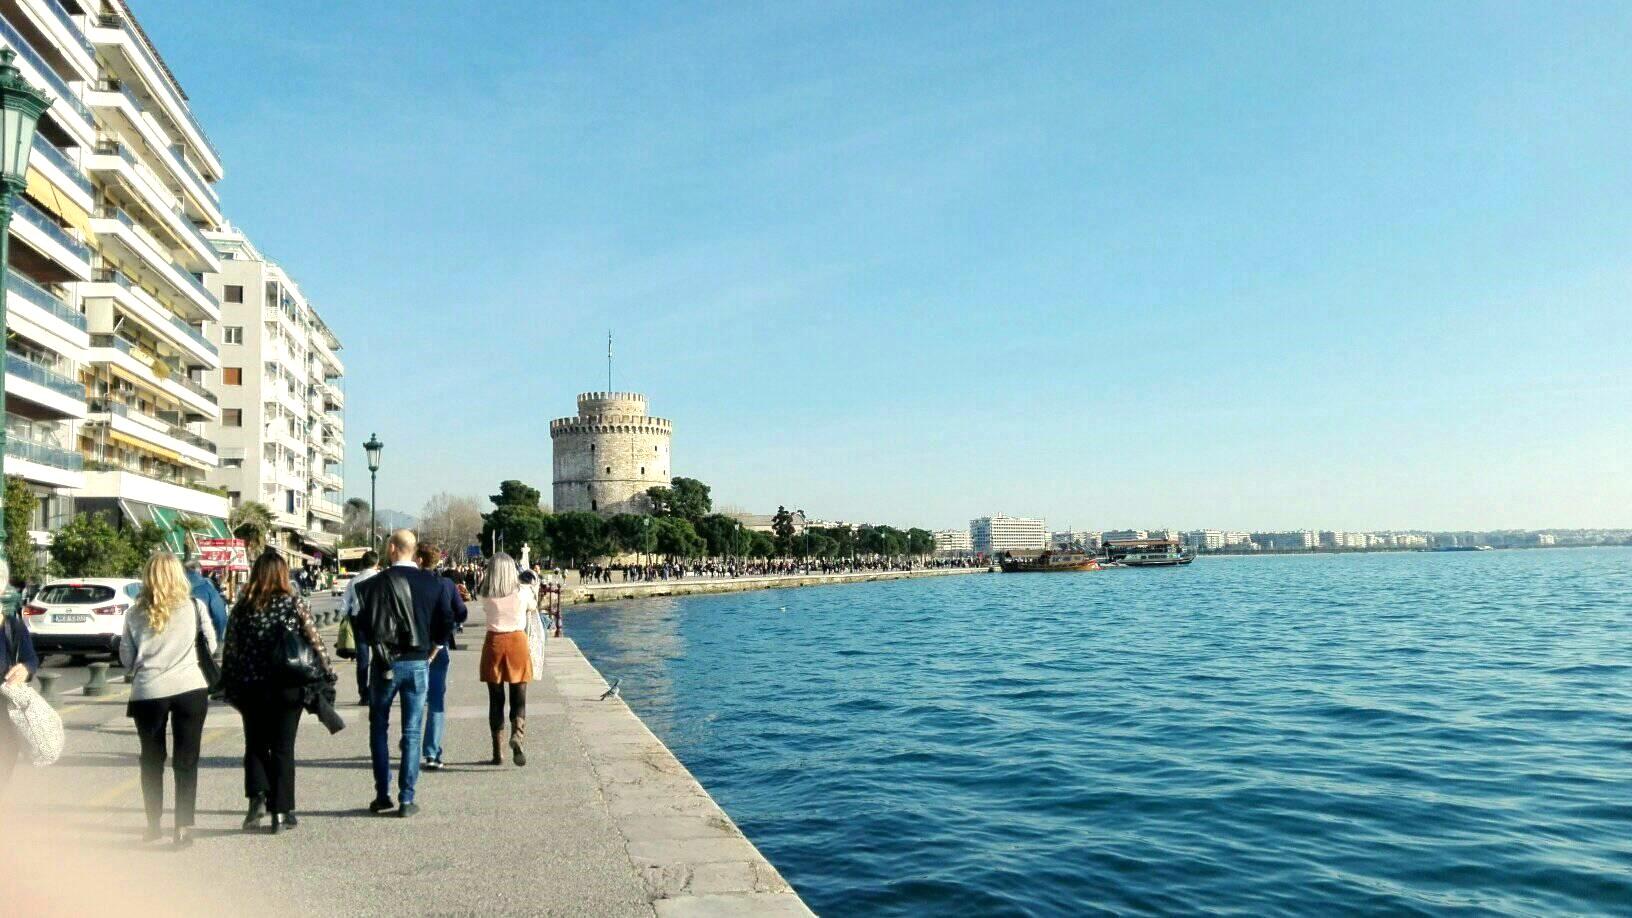 Salonicco sito di incontri sito di incontri asiatico caucasico